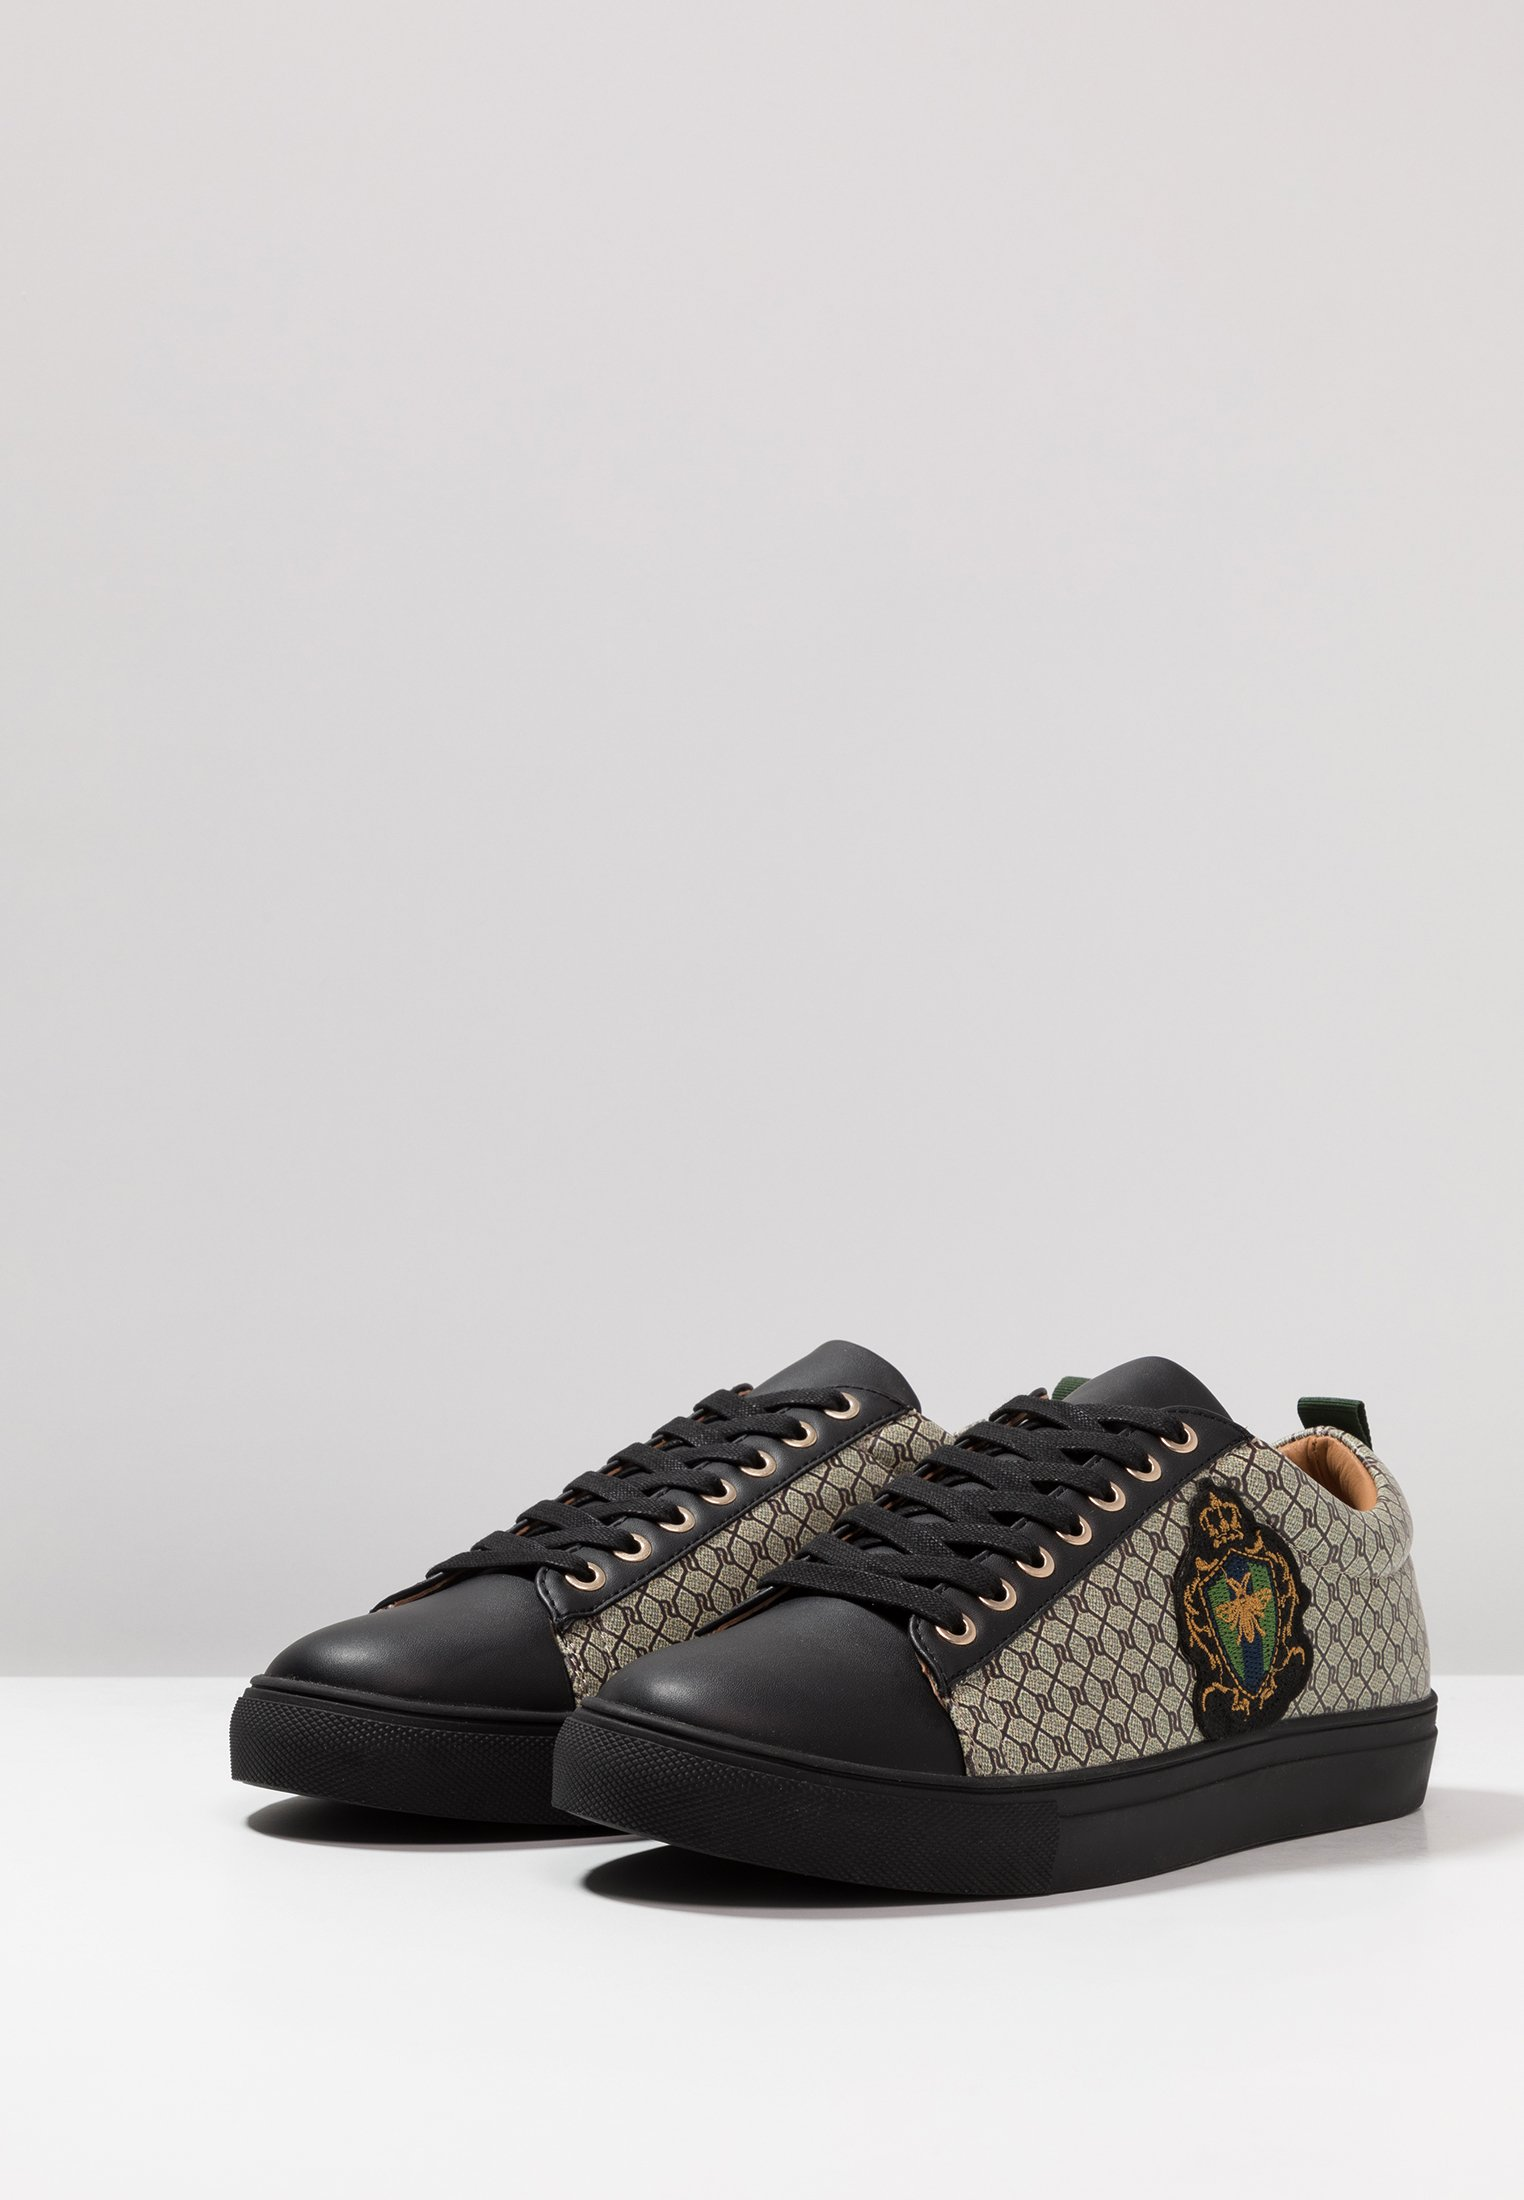 Online Shopping Køb Herresko River Island Sneakers black Cgcu3i NhSdru